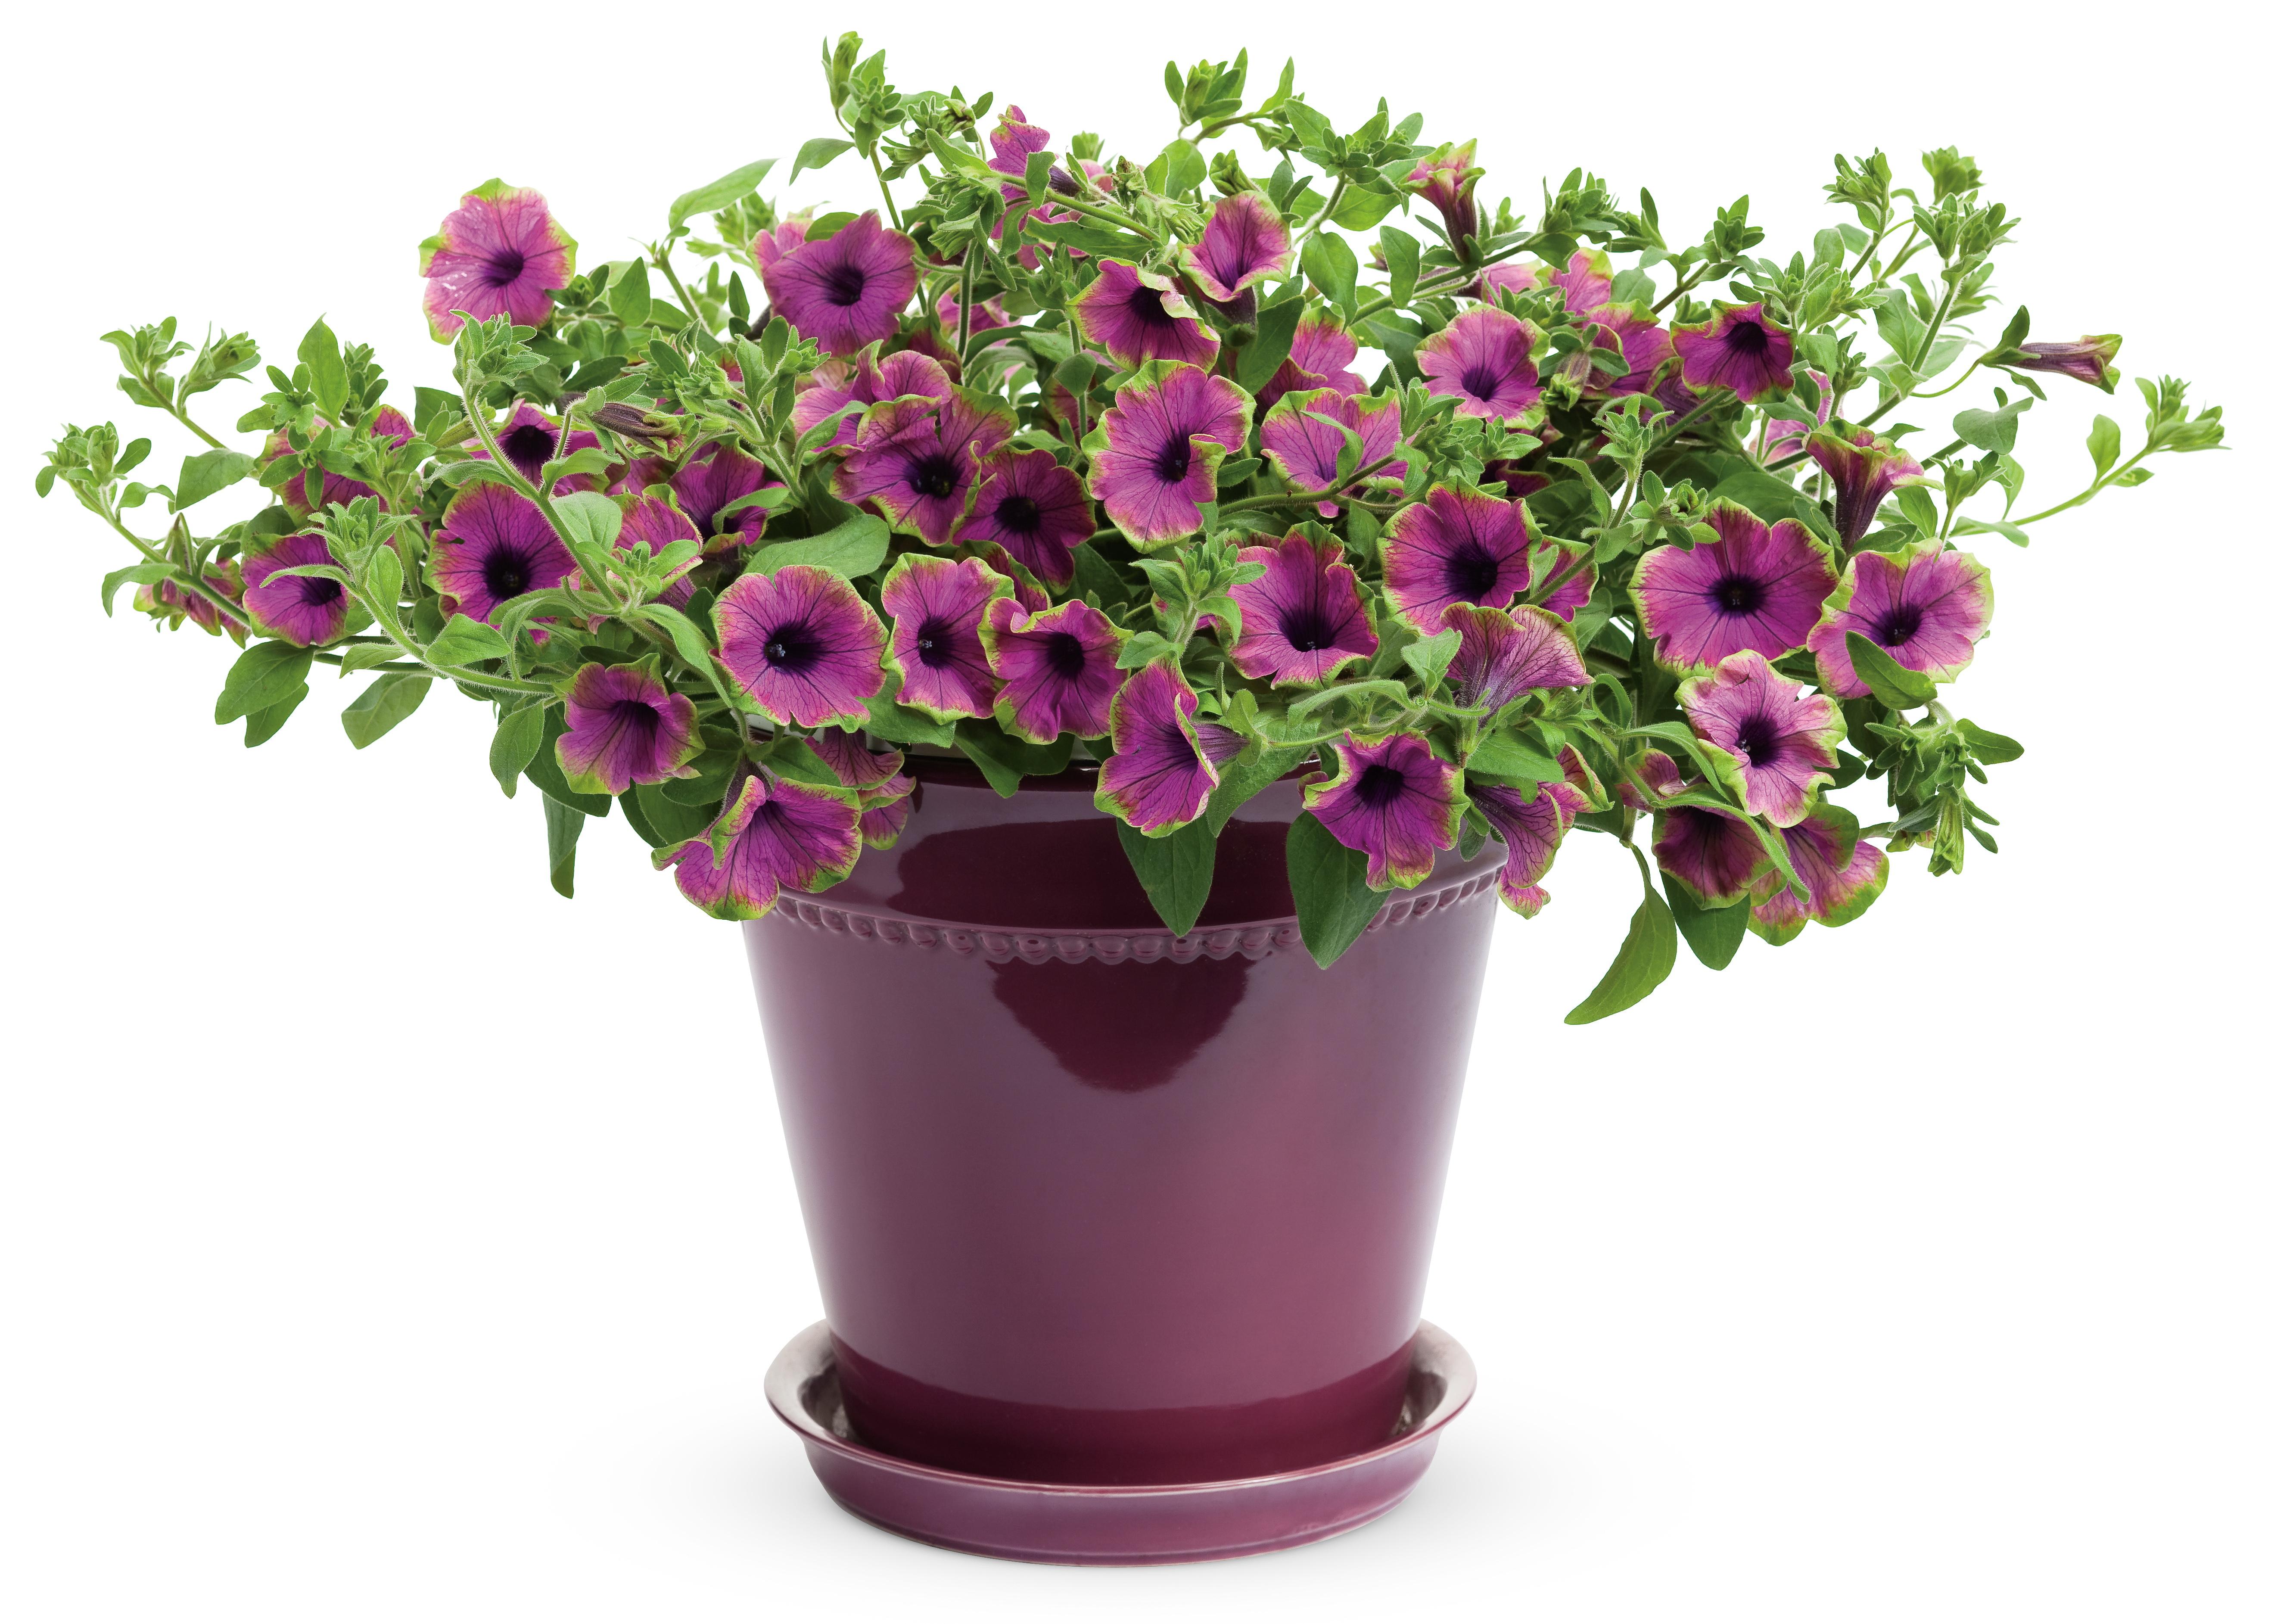 цветы петунья фото: